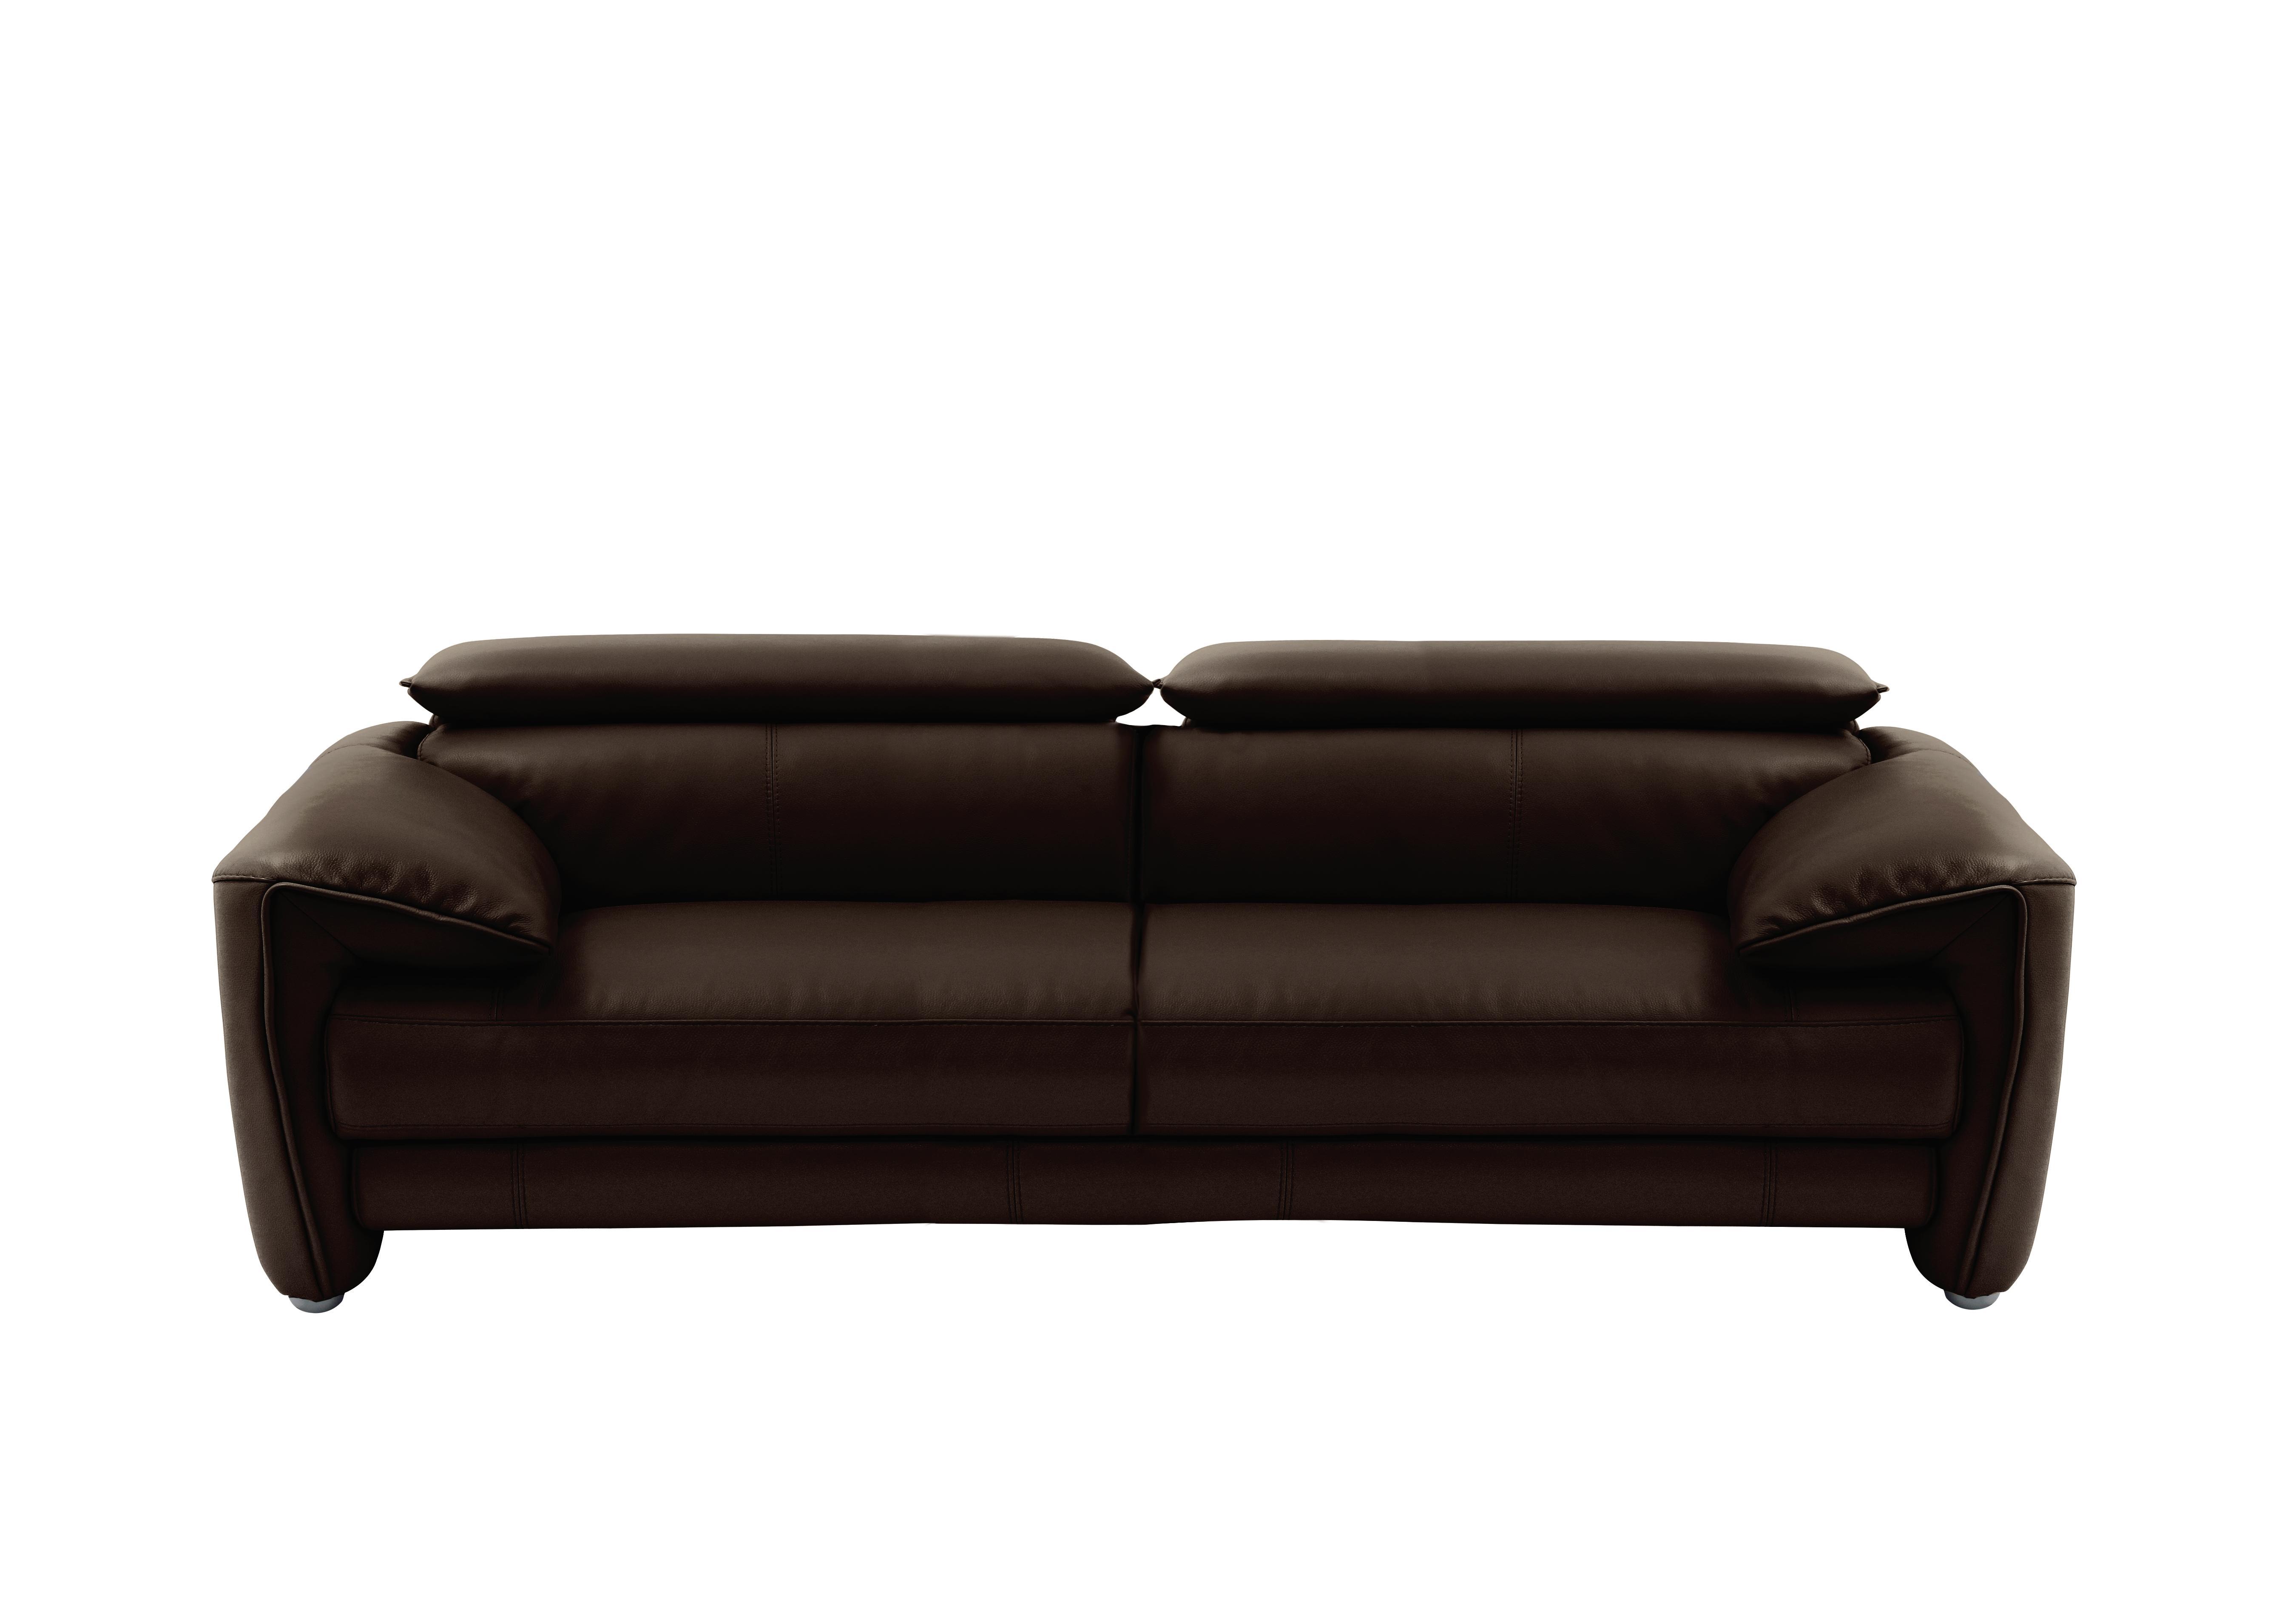 domicil arezzo sofa plush sofas fortitude valley qld gradschoolfairs